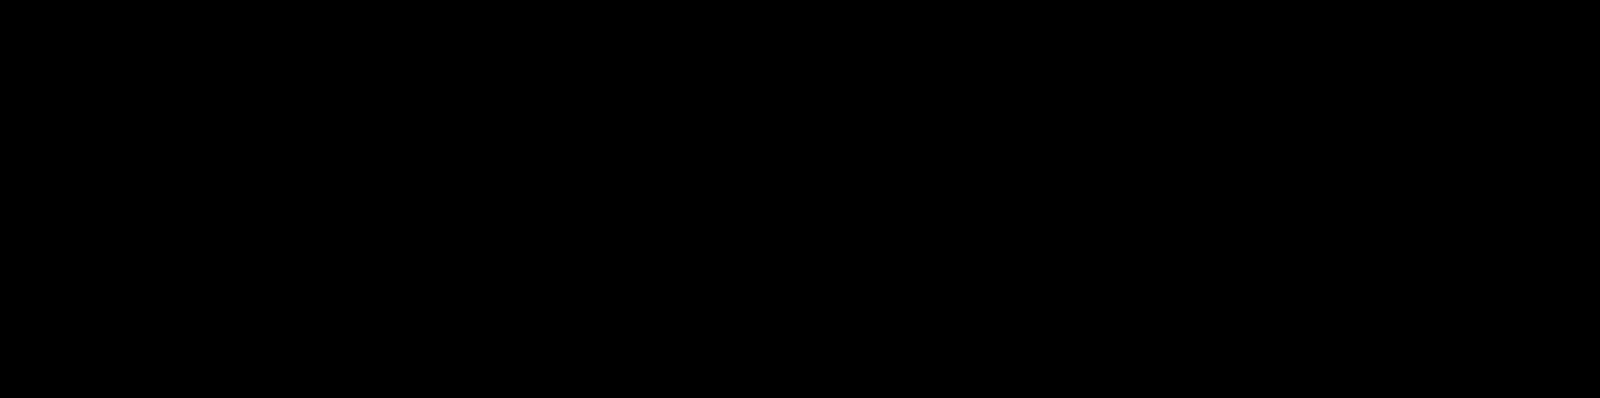 https://images.squarespace-cdn.com/content/5a714d22d7bdceb7a61cbd39/1588789853664-MO74BLJDPF197CIUYU6X/logo-01.png?content-type=image%2Fpng